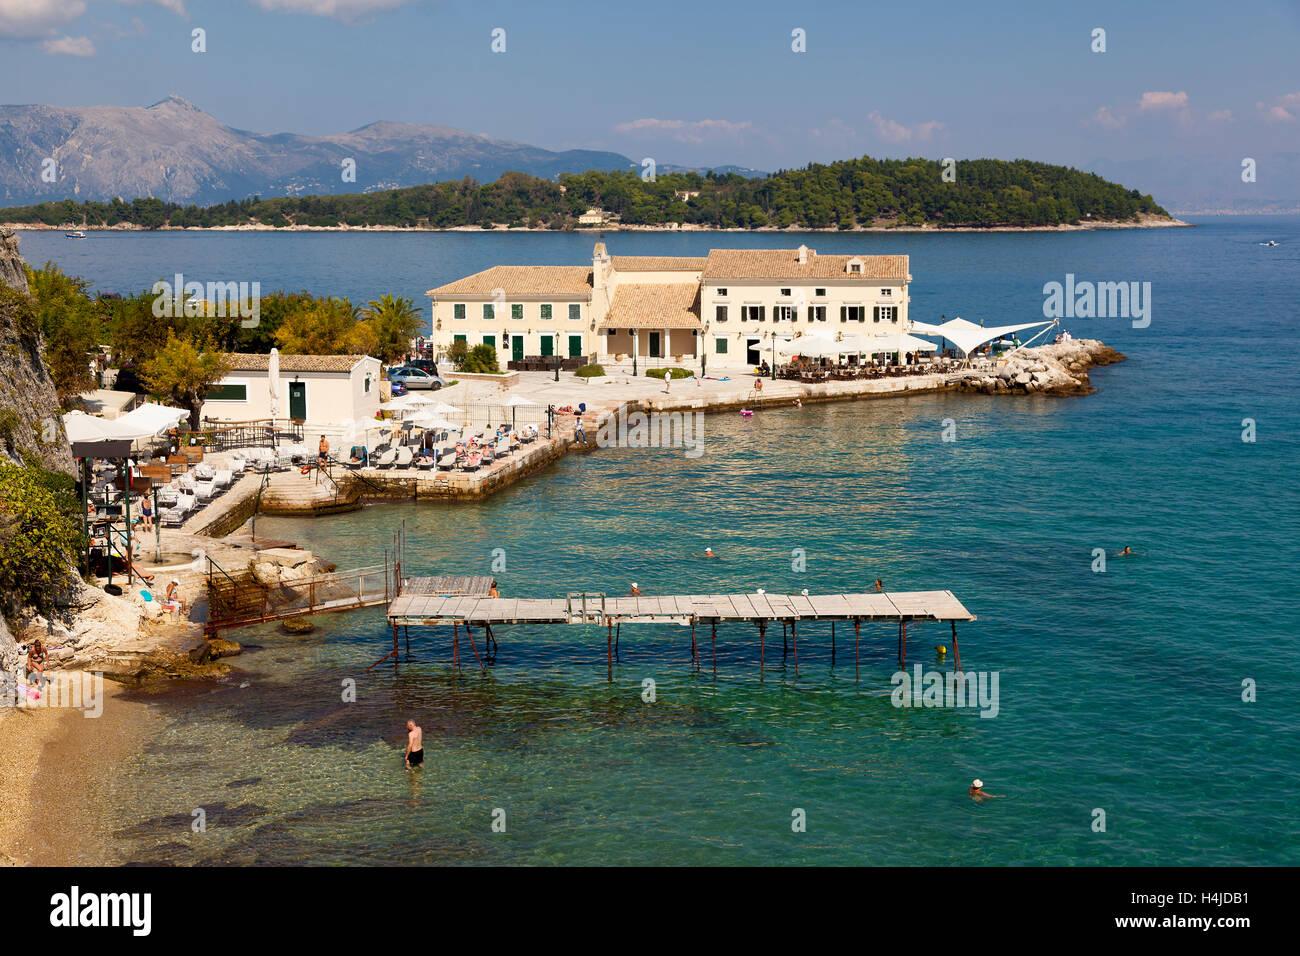 Beach in Corfu, Greek Ionian Islands, Greece - Stock Image